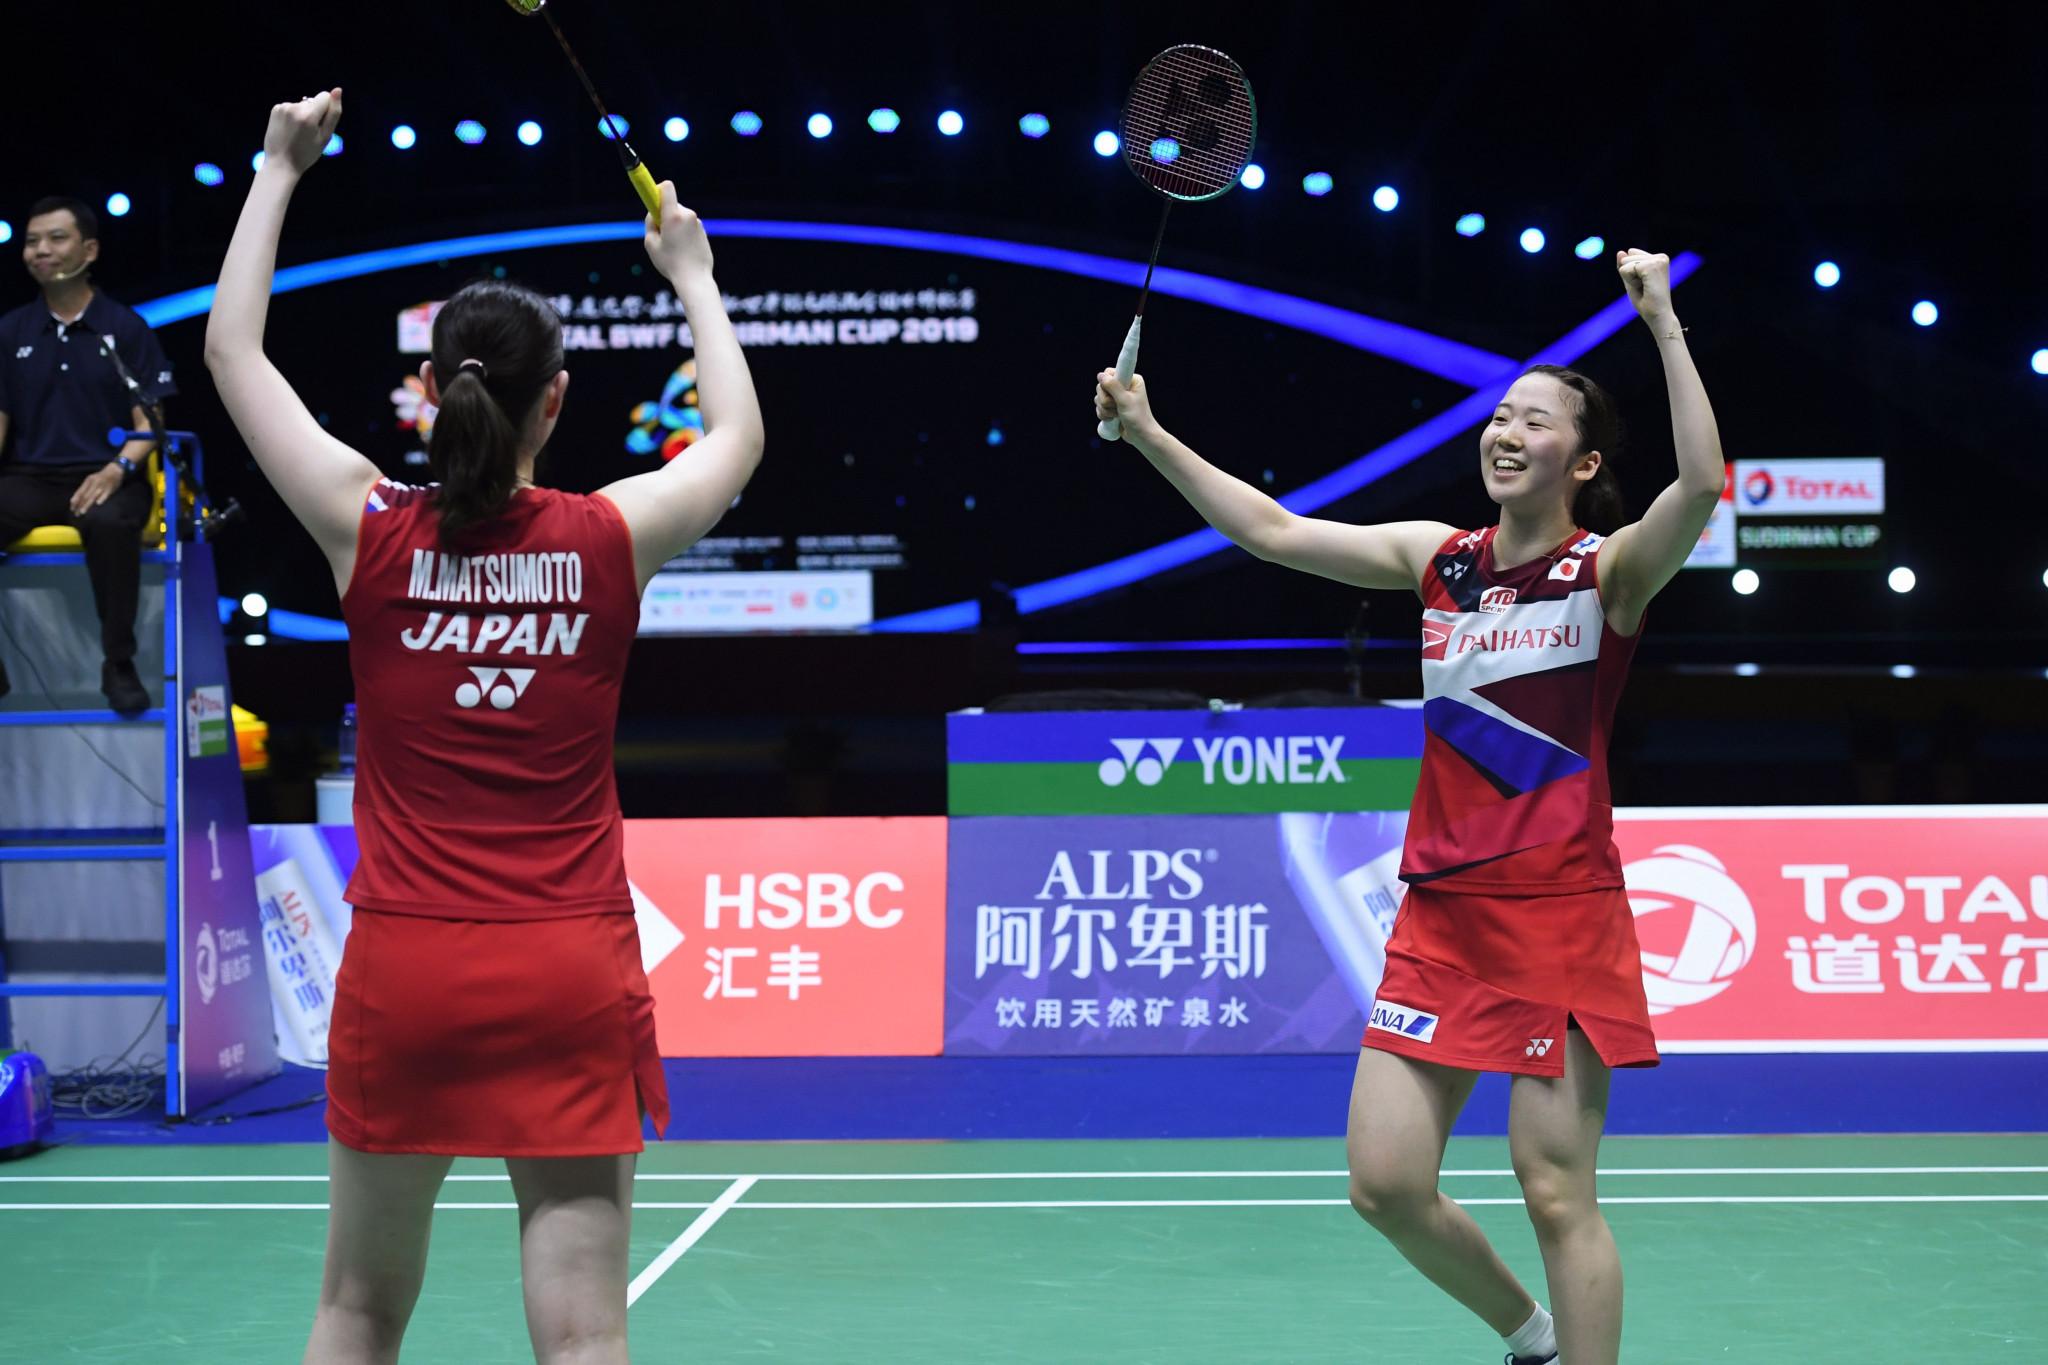 Maya Matsumoto and Wakana Nagahara's victory ensured Japan's passage through to face China ©Getty Images